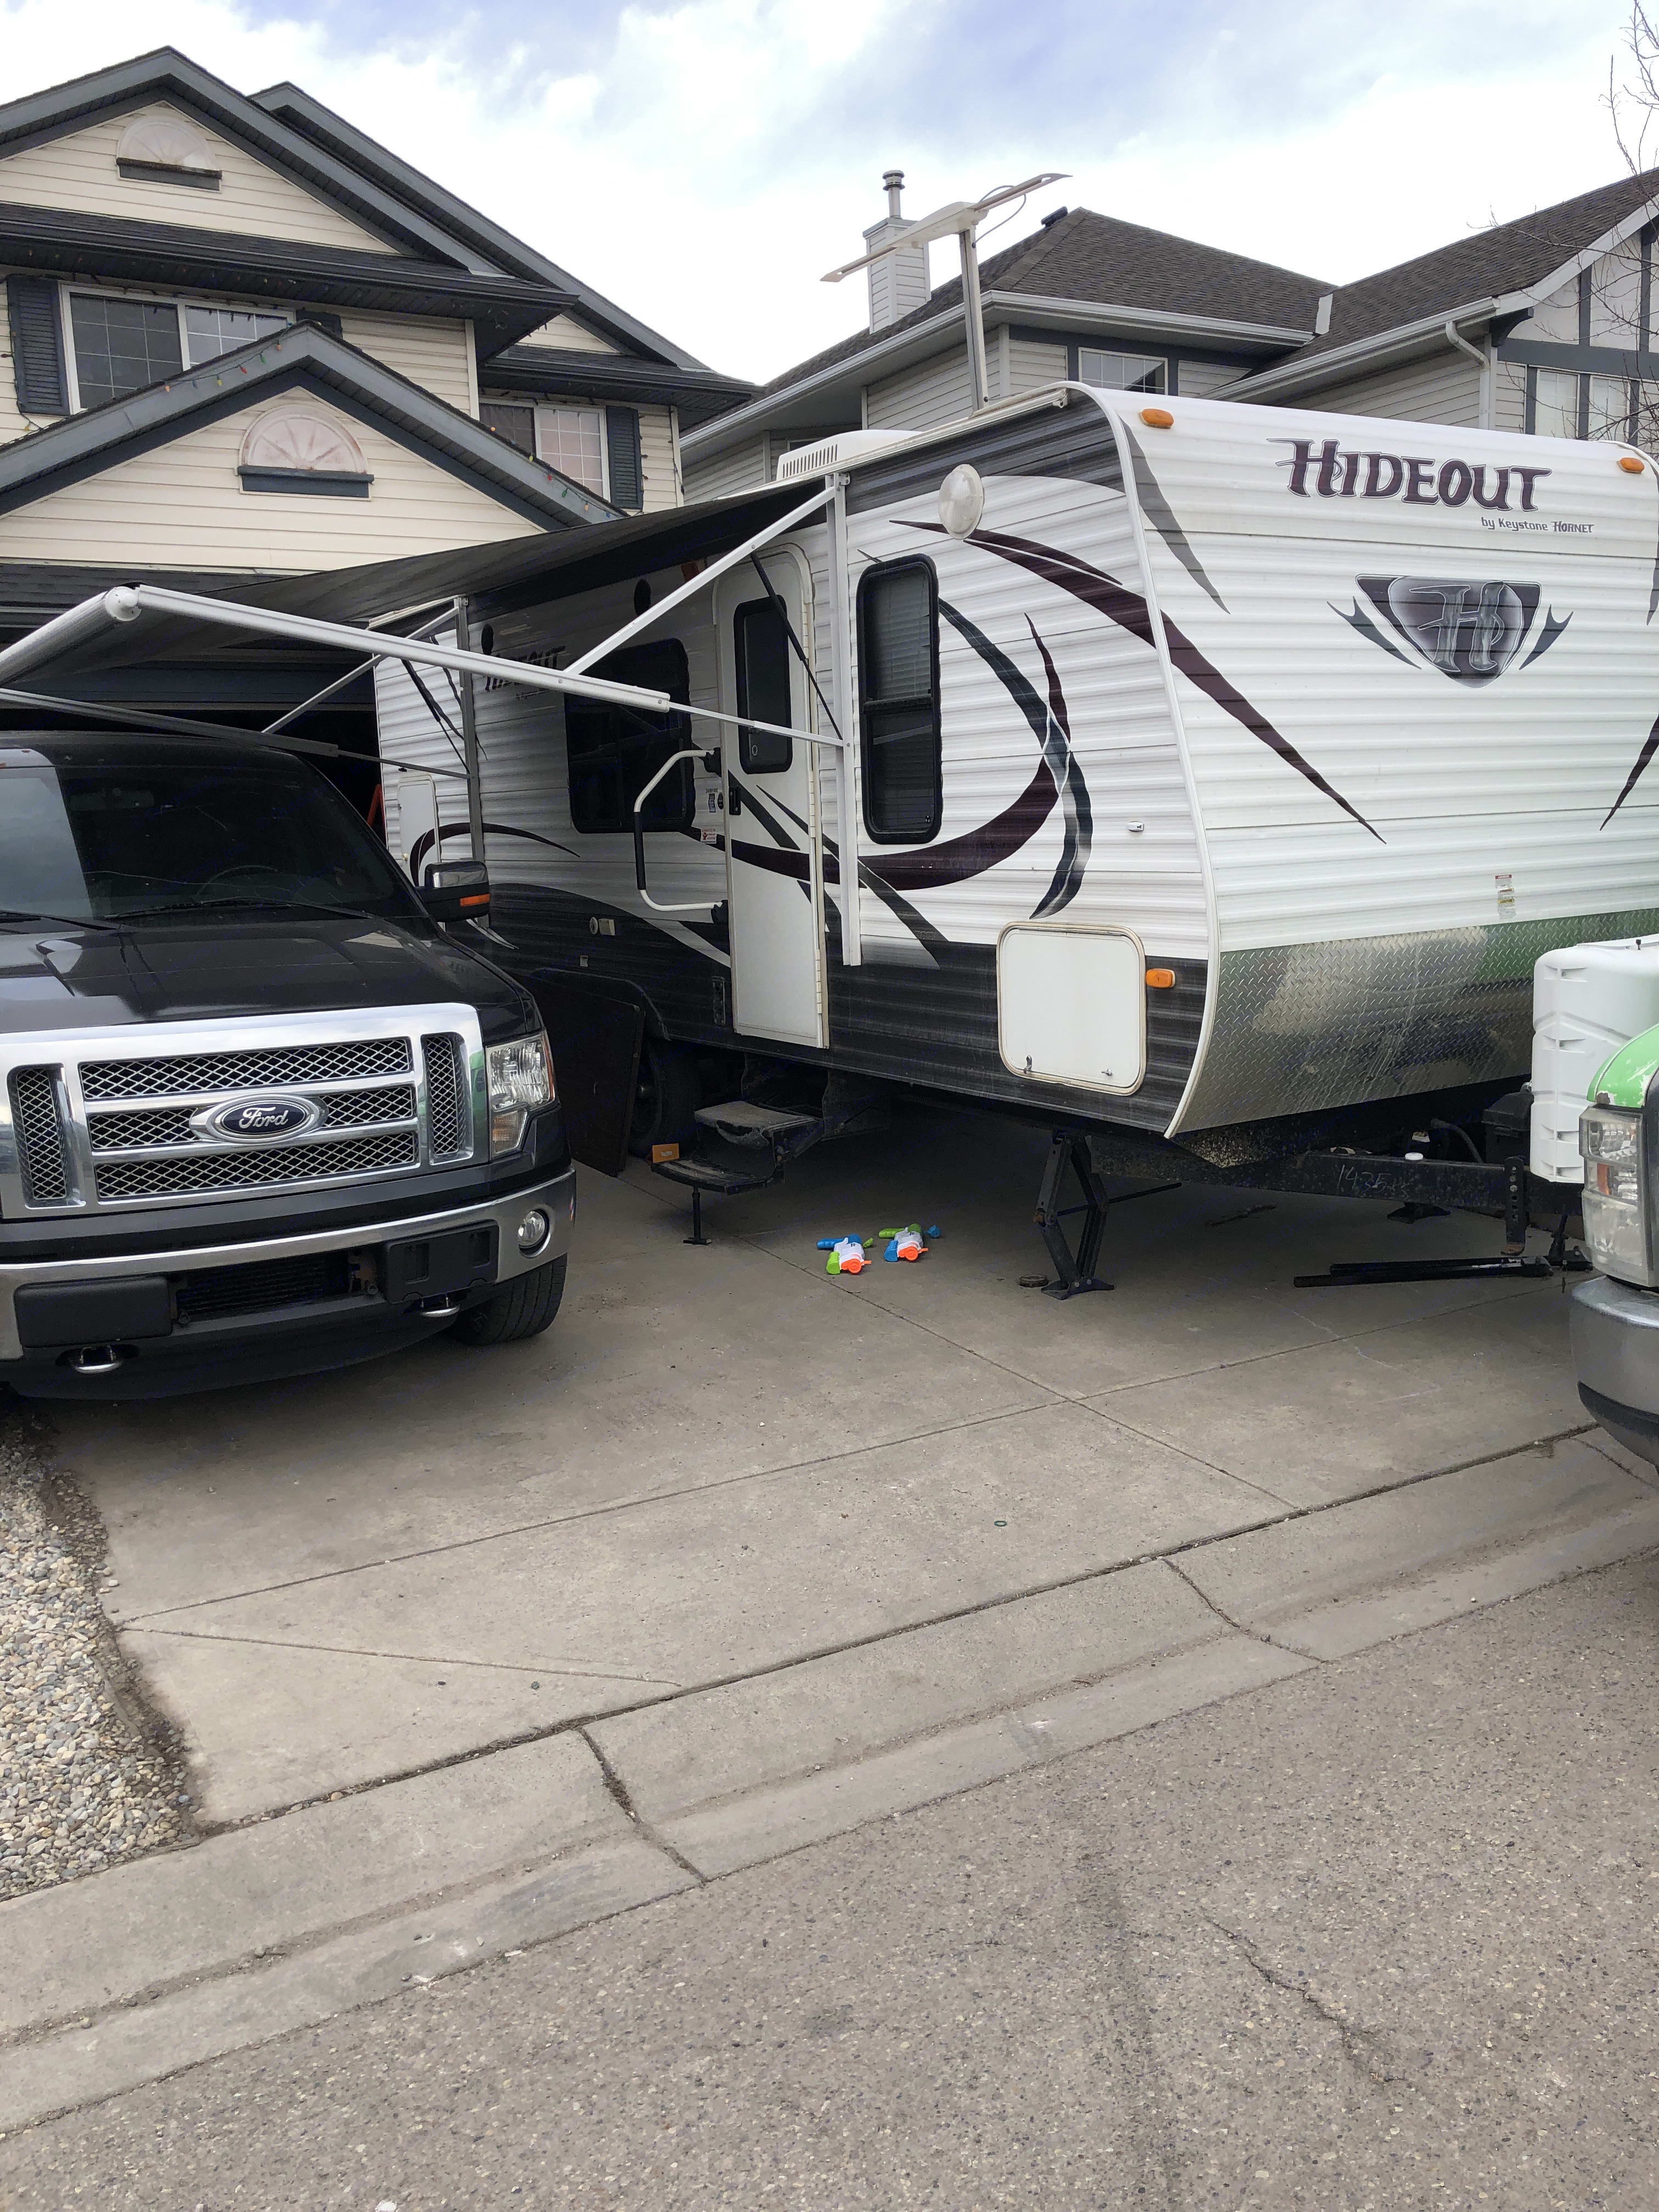 Getting ready for a trip. Keystone Hideout 2014